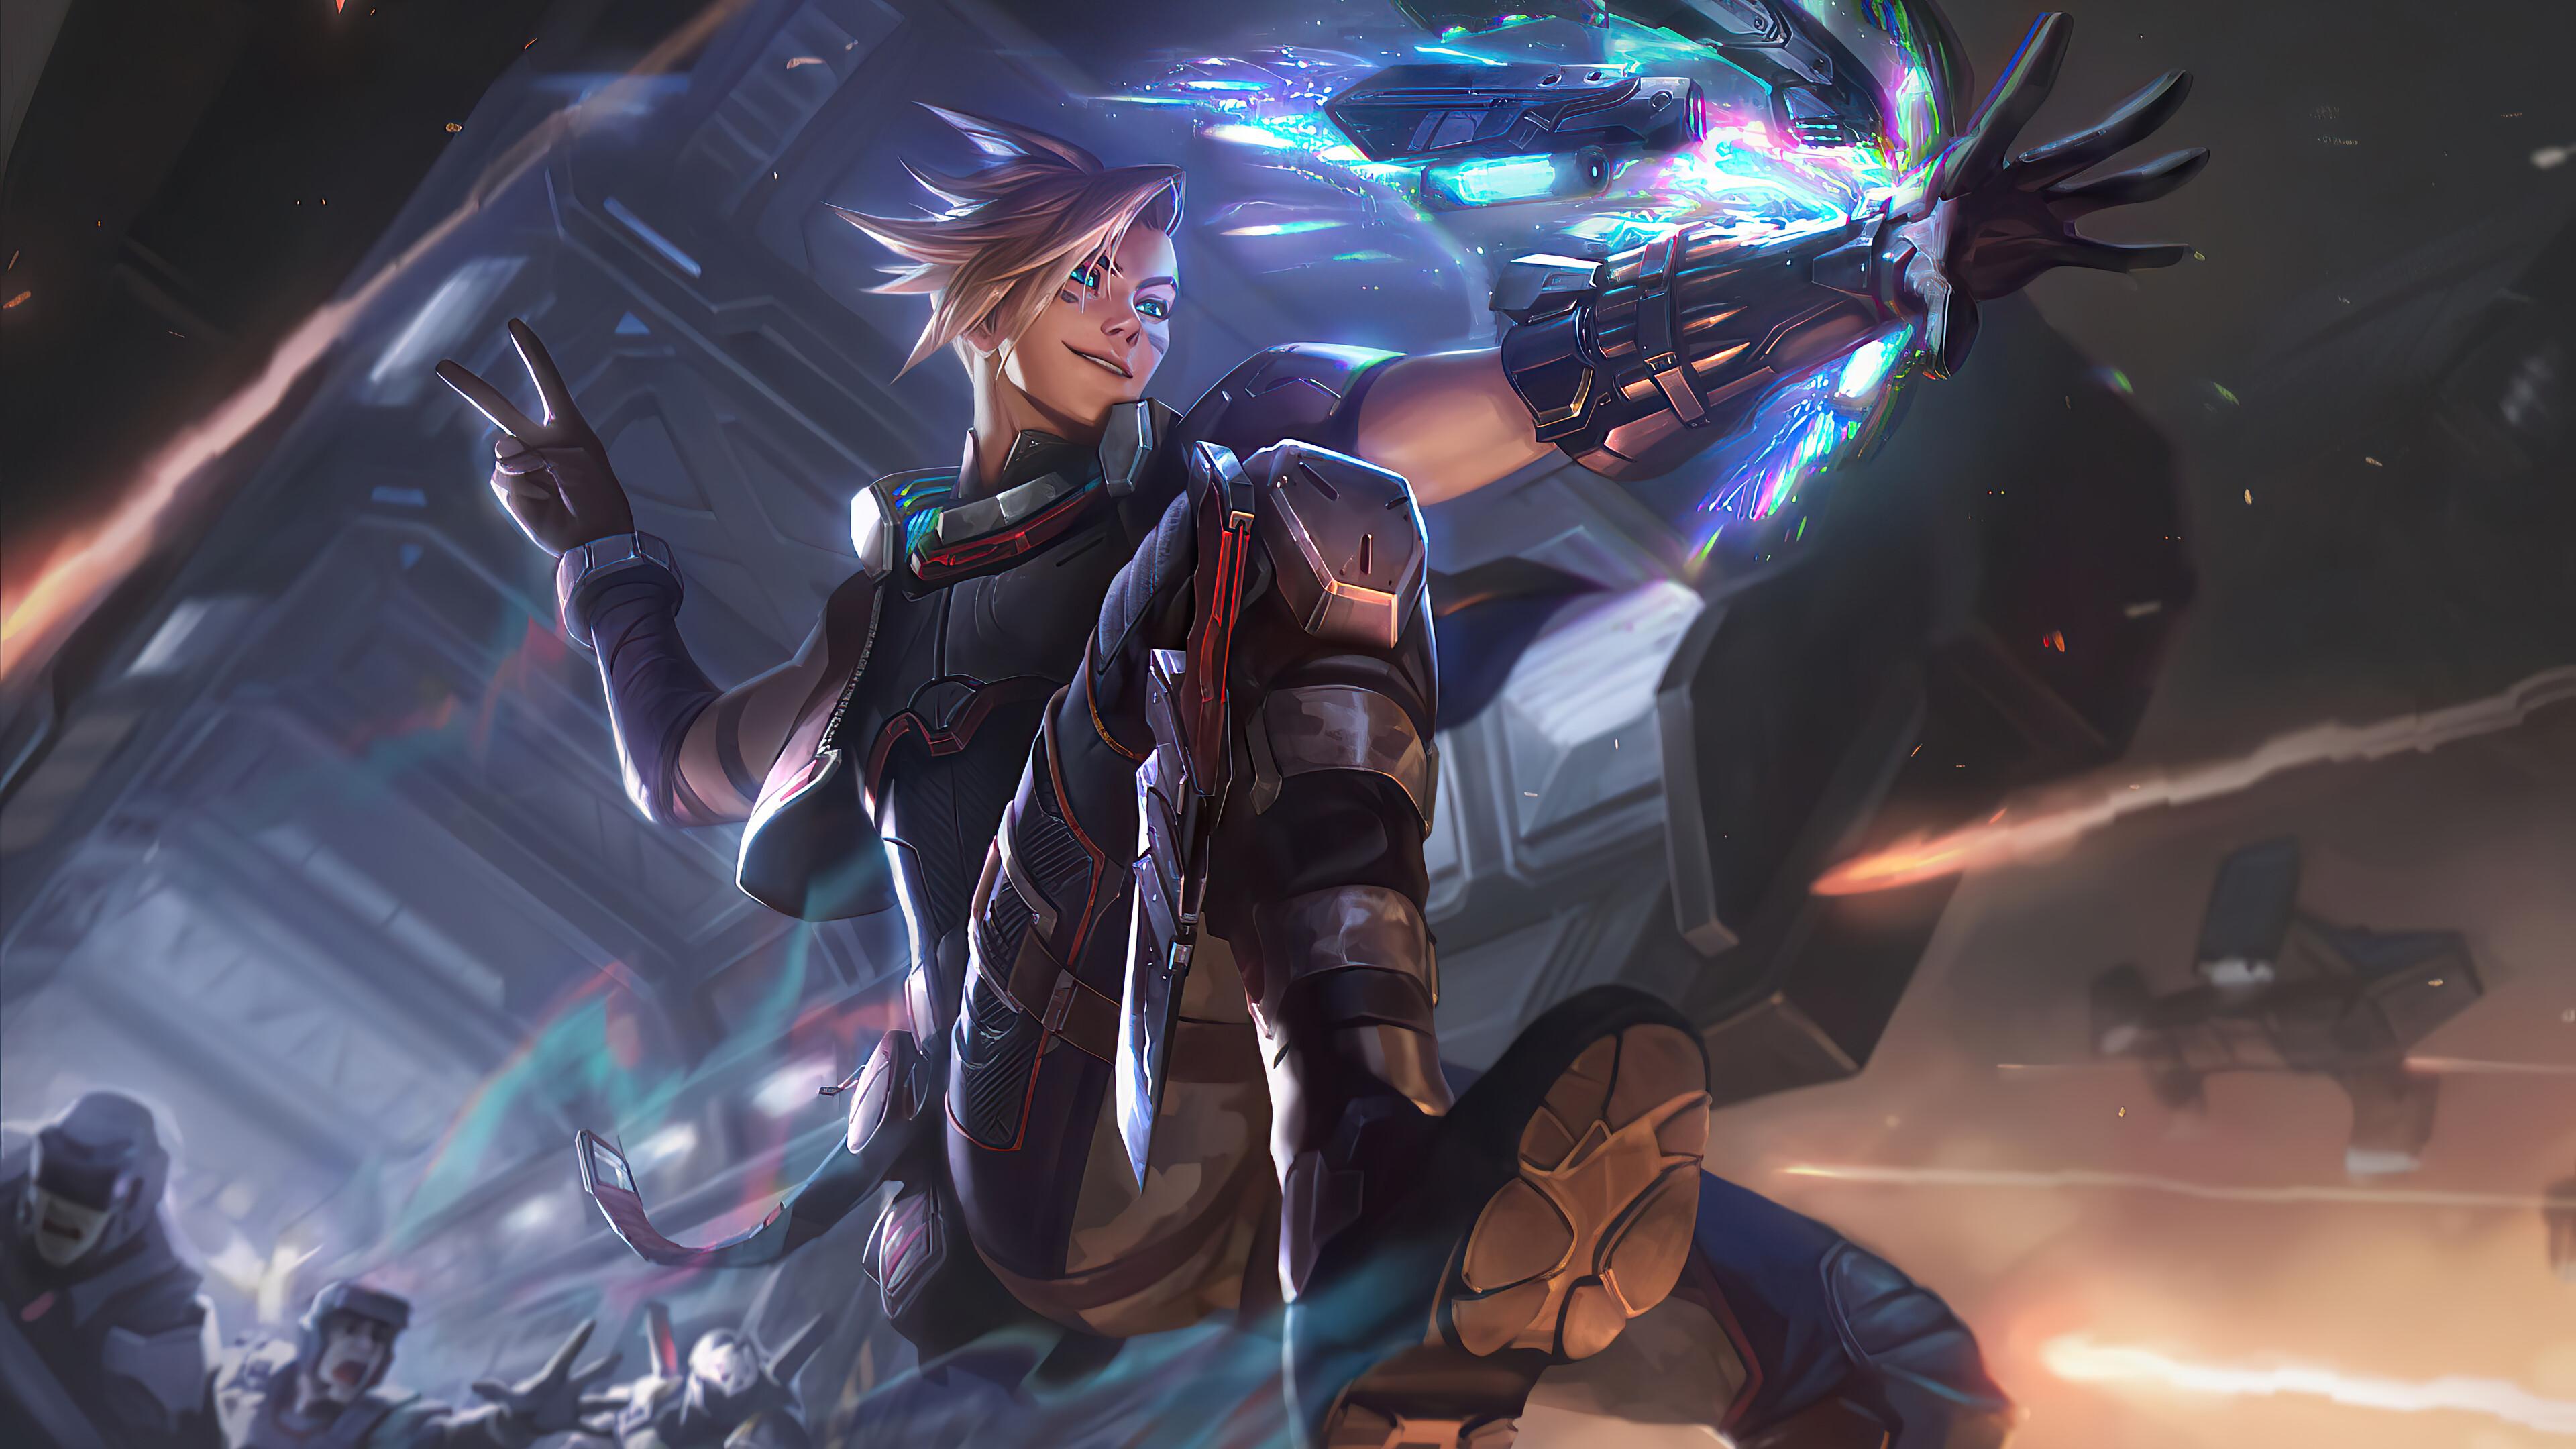 Ezreal League Of Legends 3840x2160